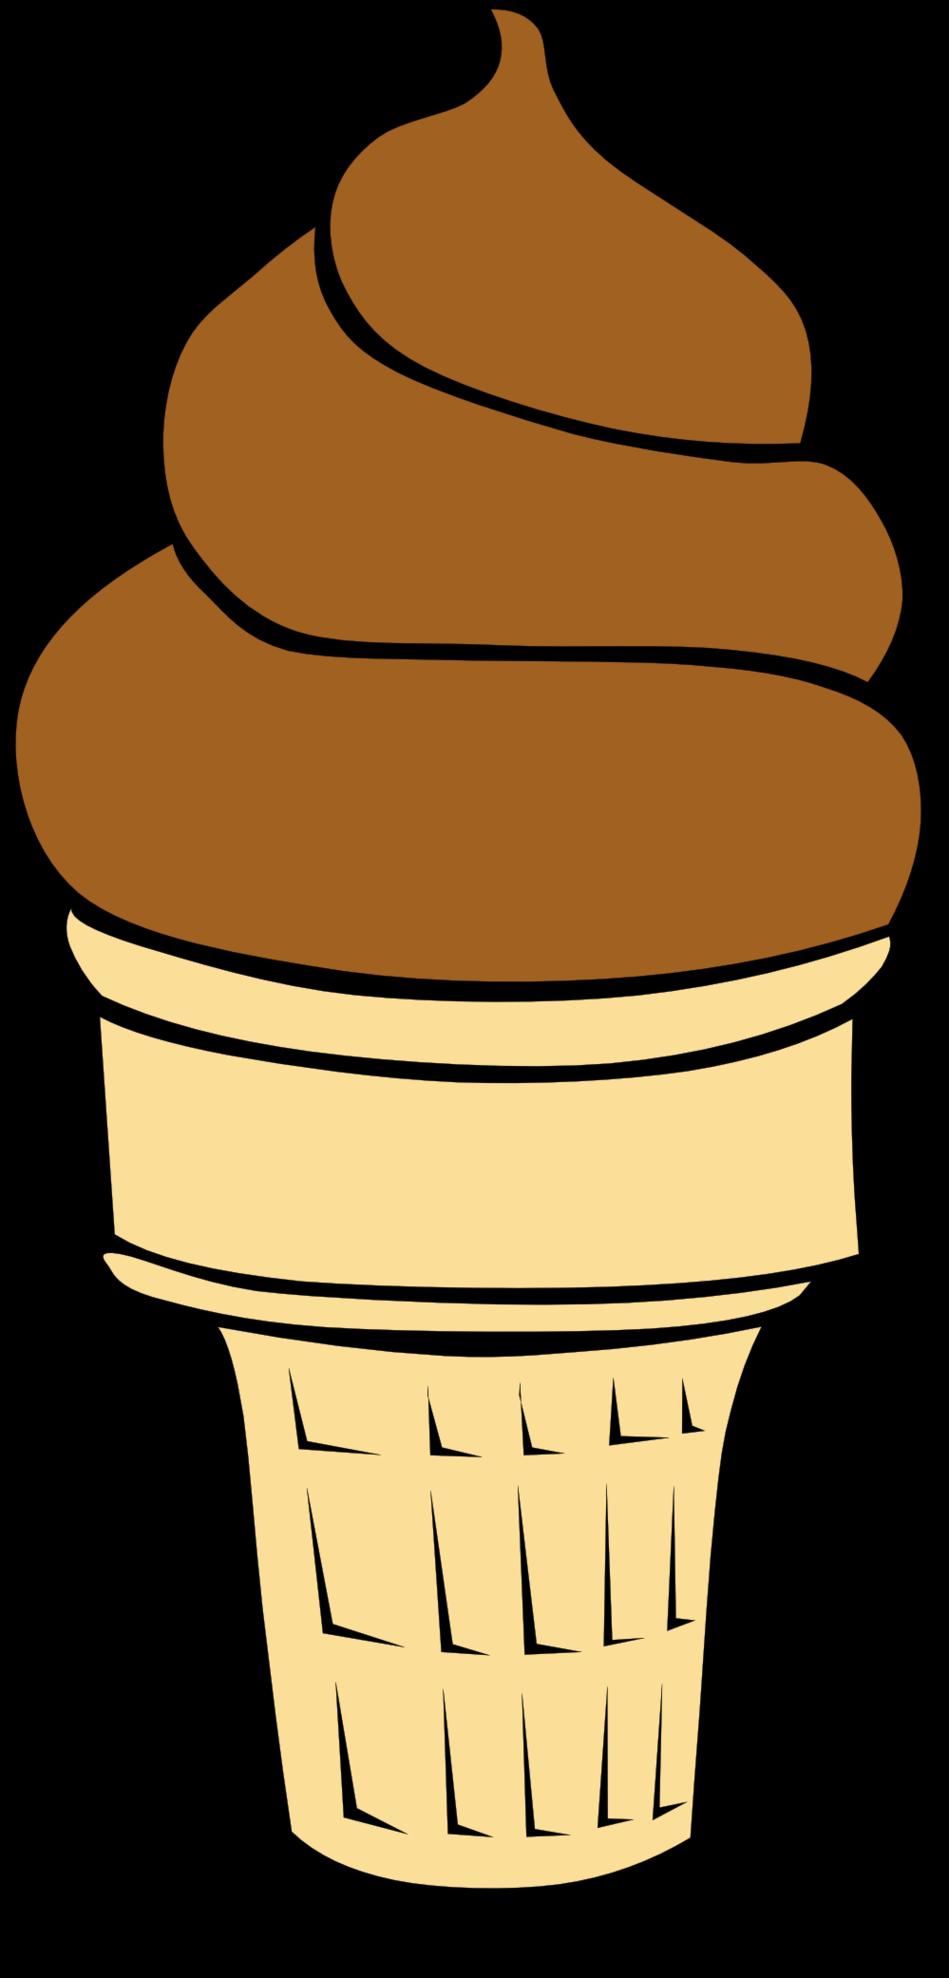 Cone clipart icecream Cream clip cone 2 Ice